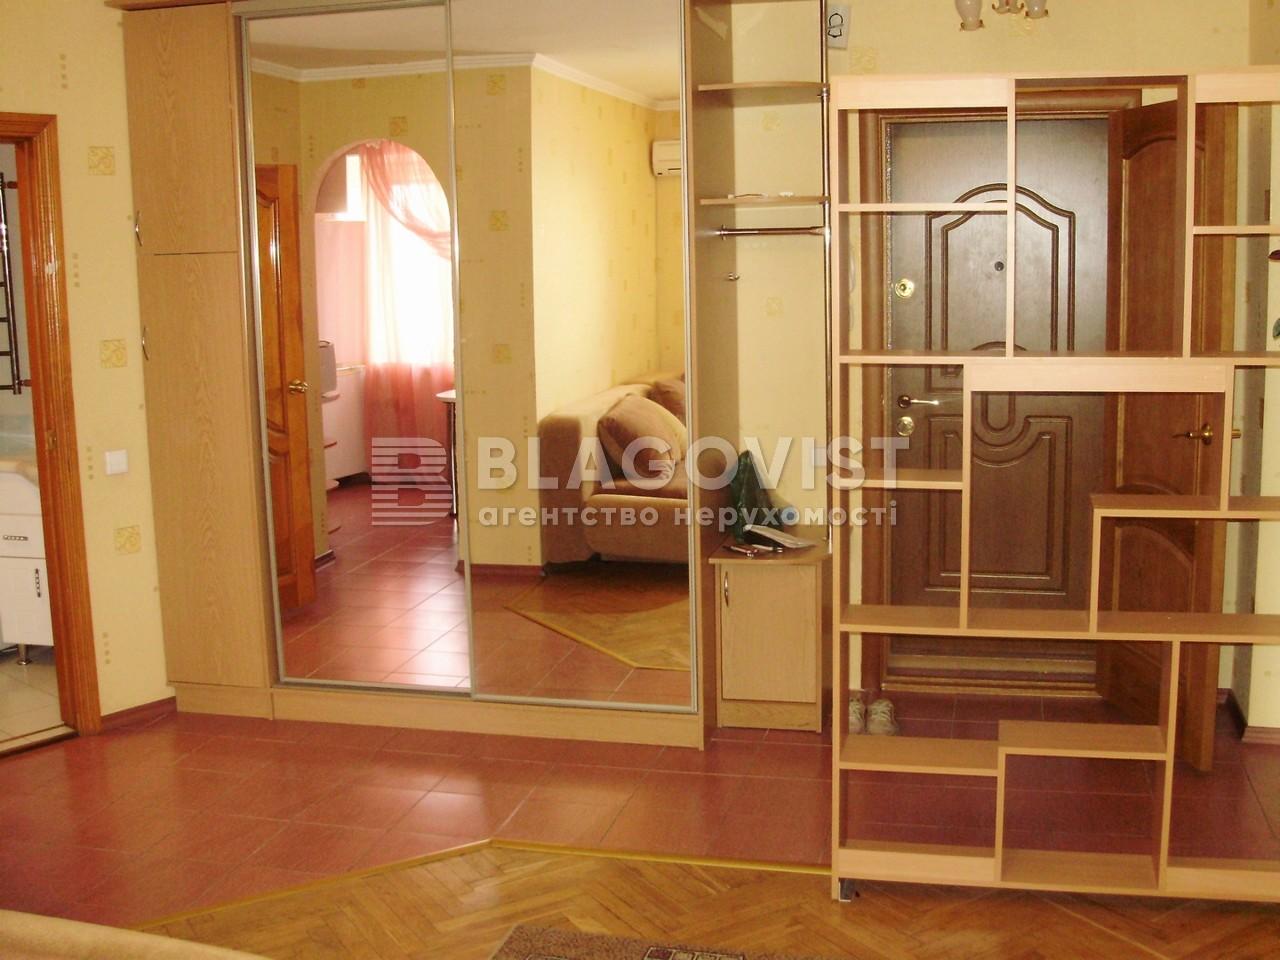 Квартира C-96387, Шелковичная, 48, Киев - Фото 5